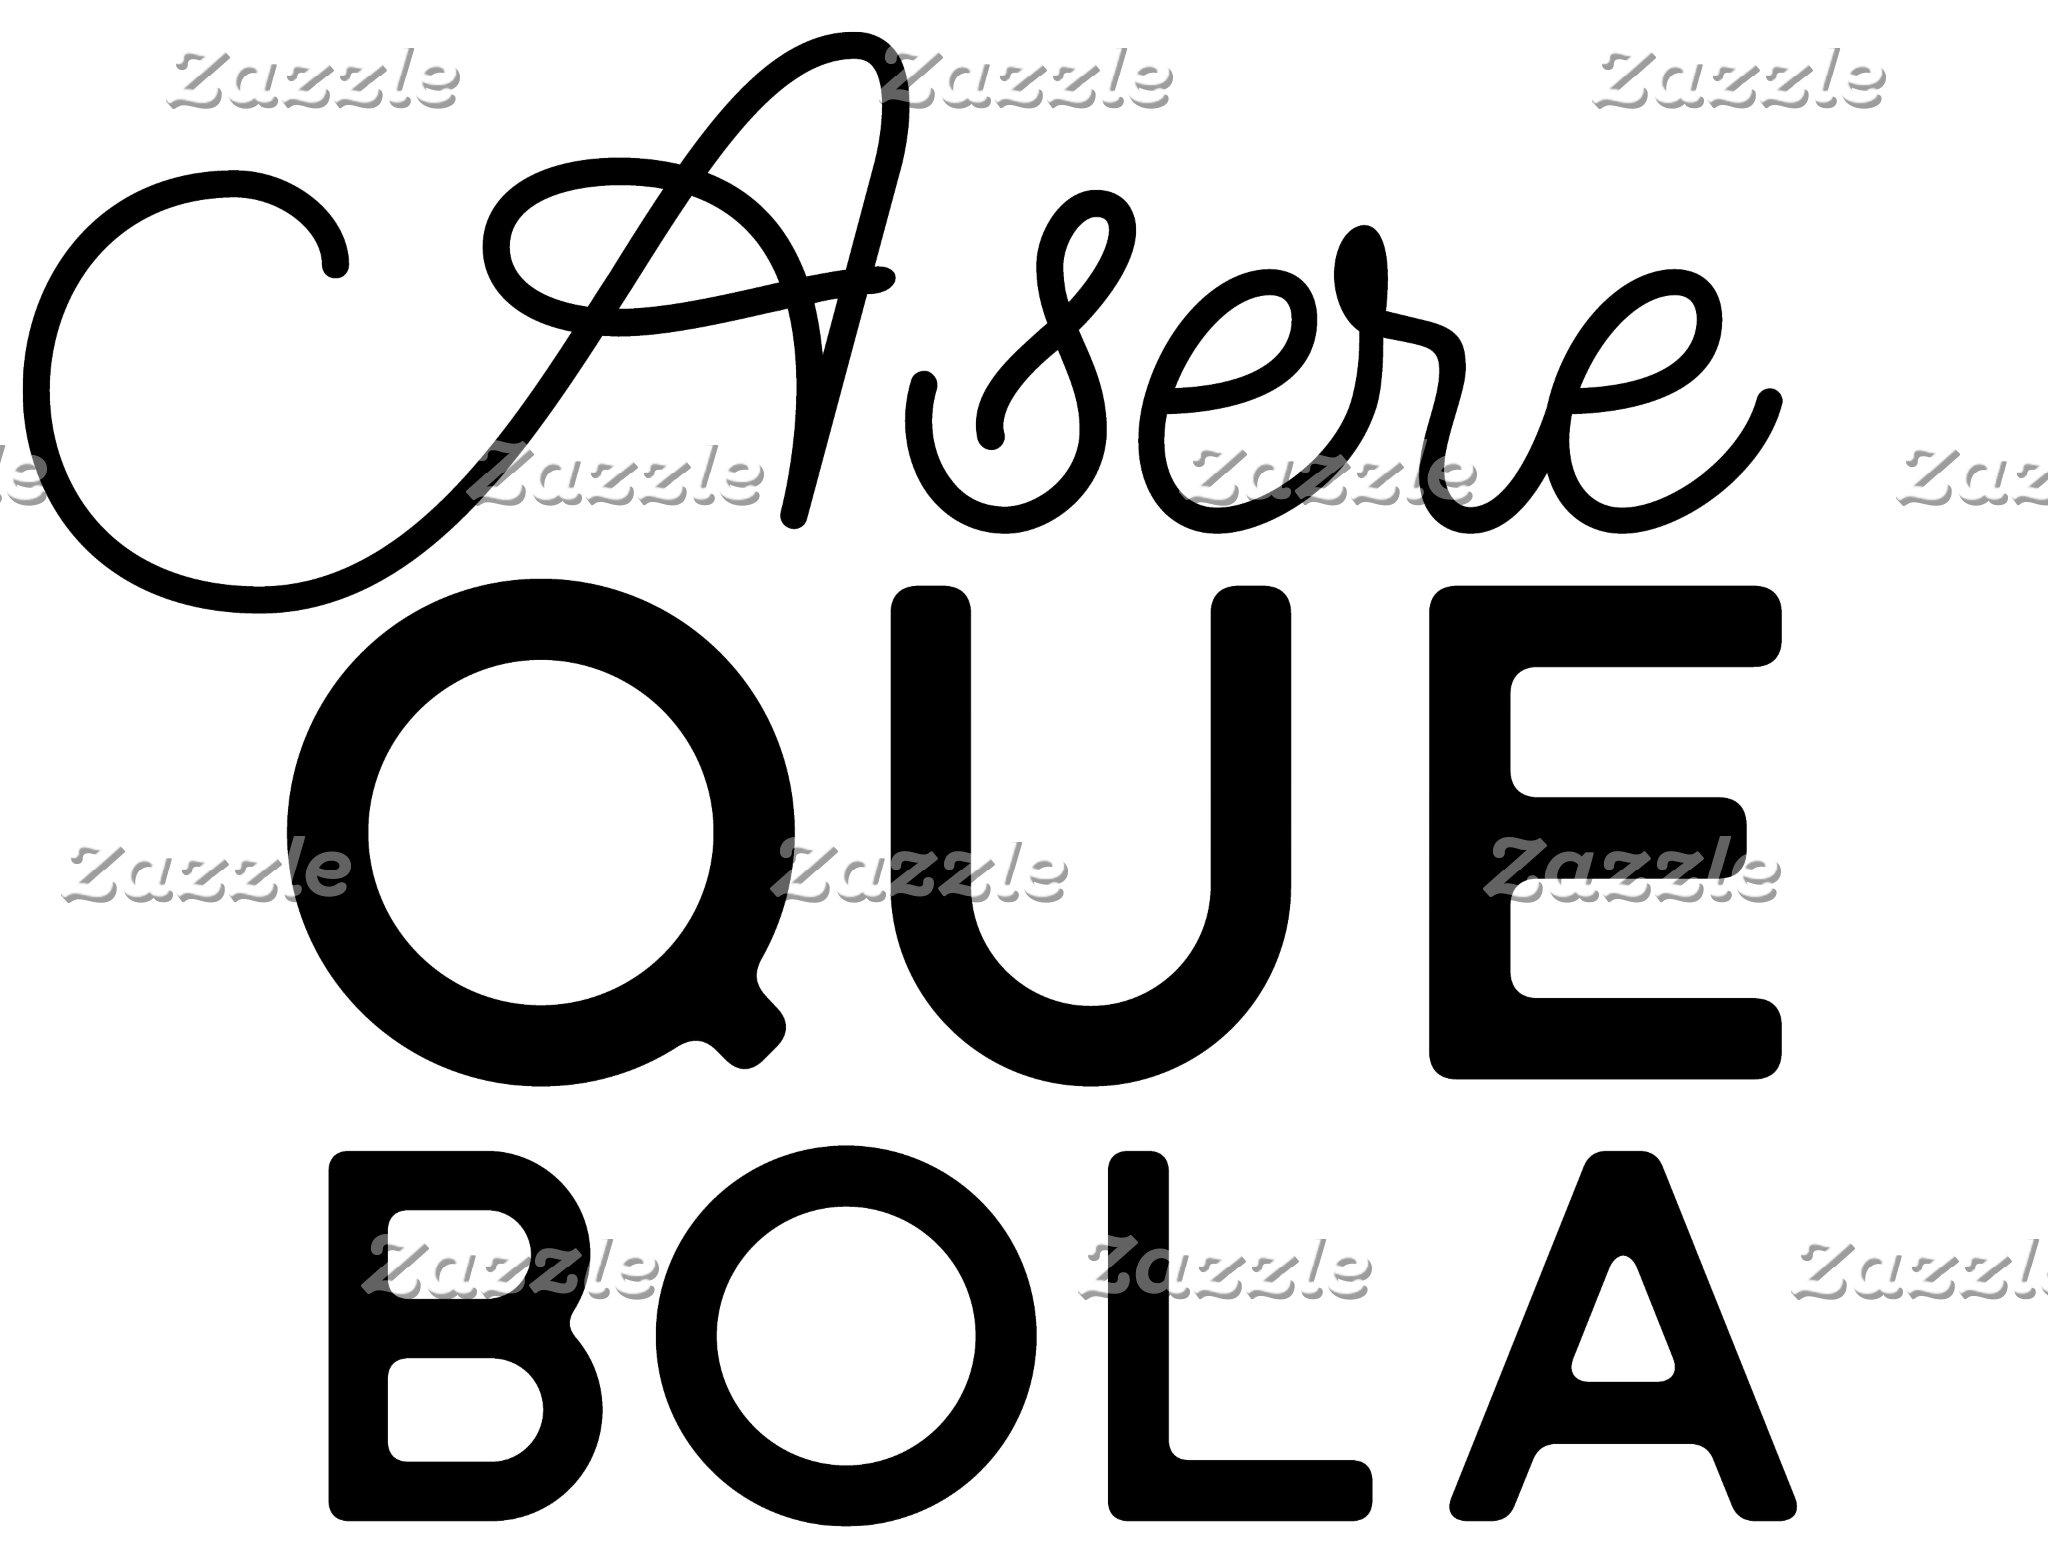 Asere Que Bola Cuba Slang Quote